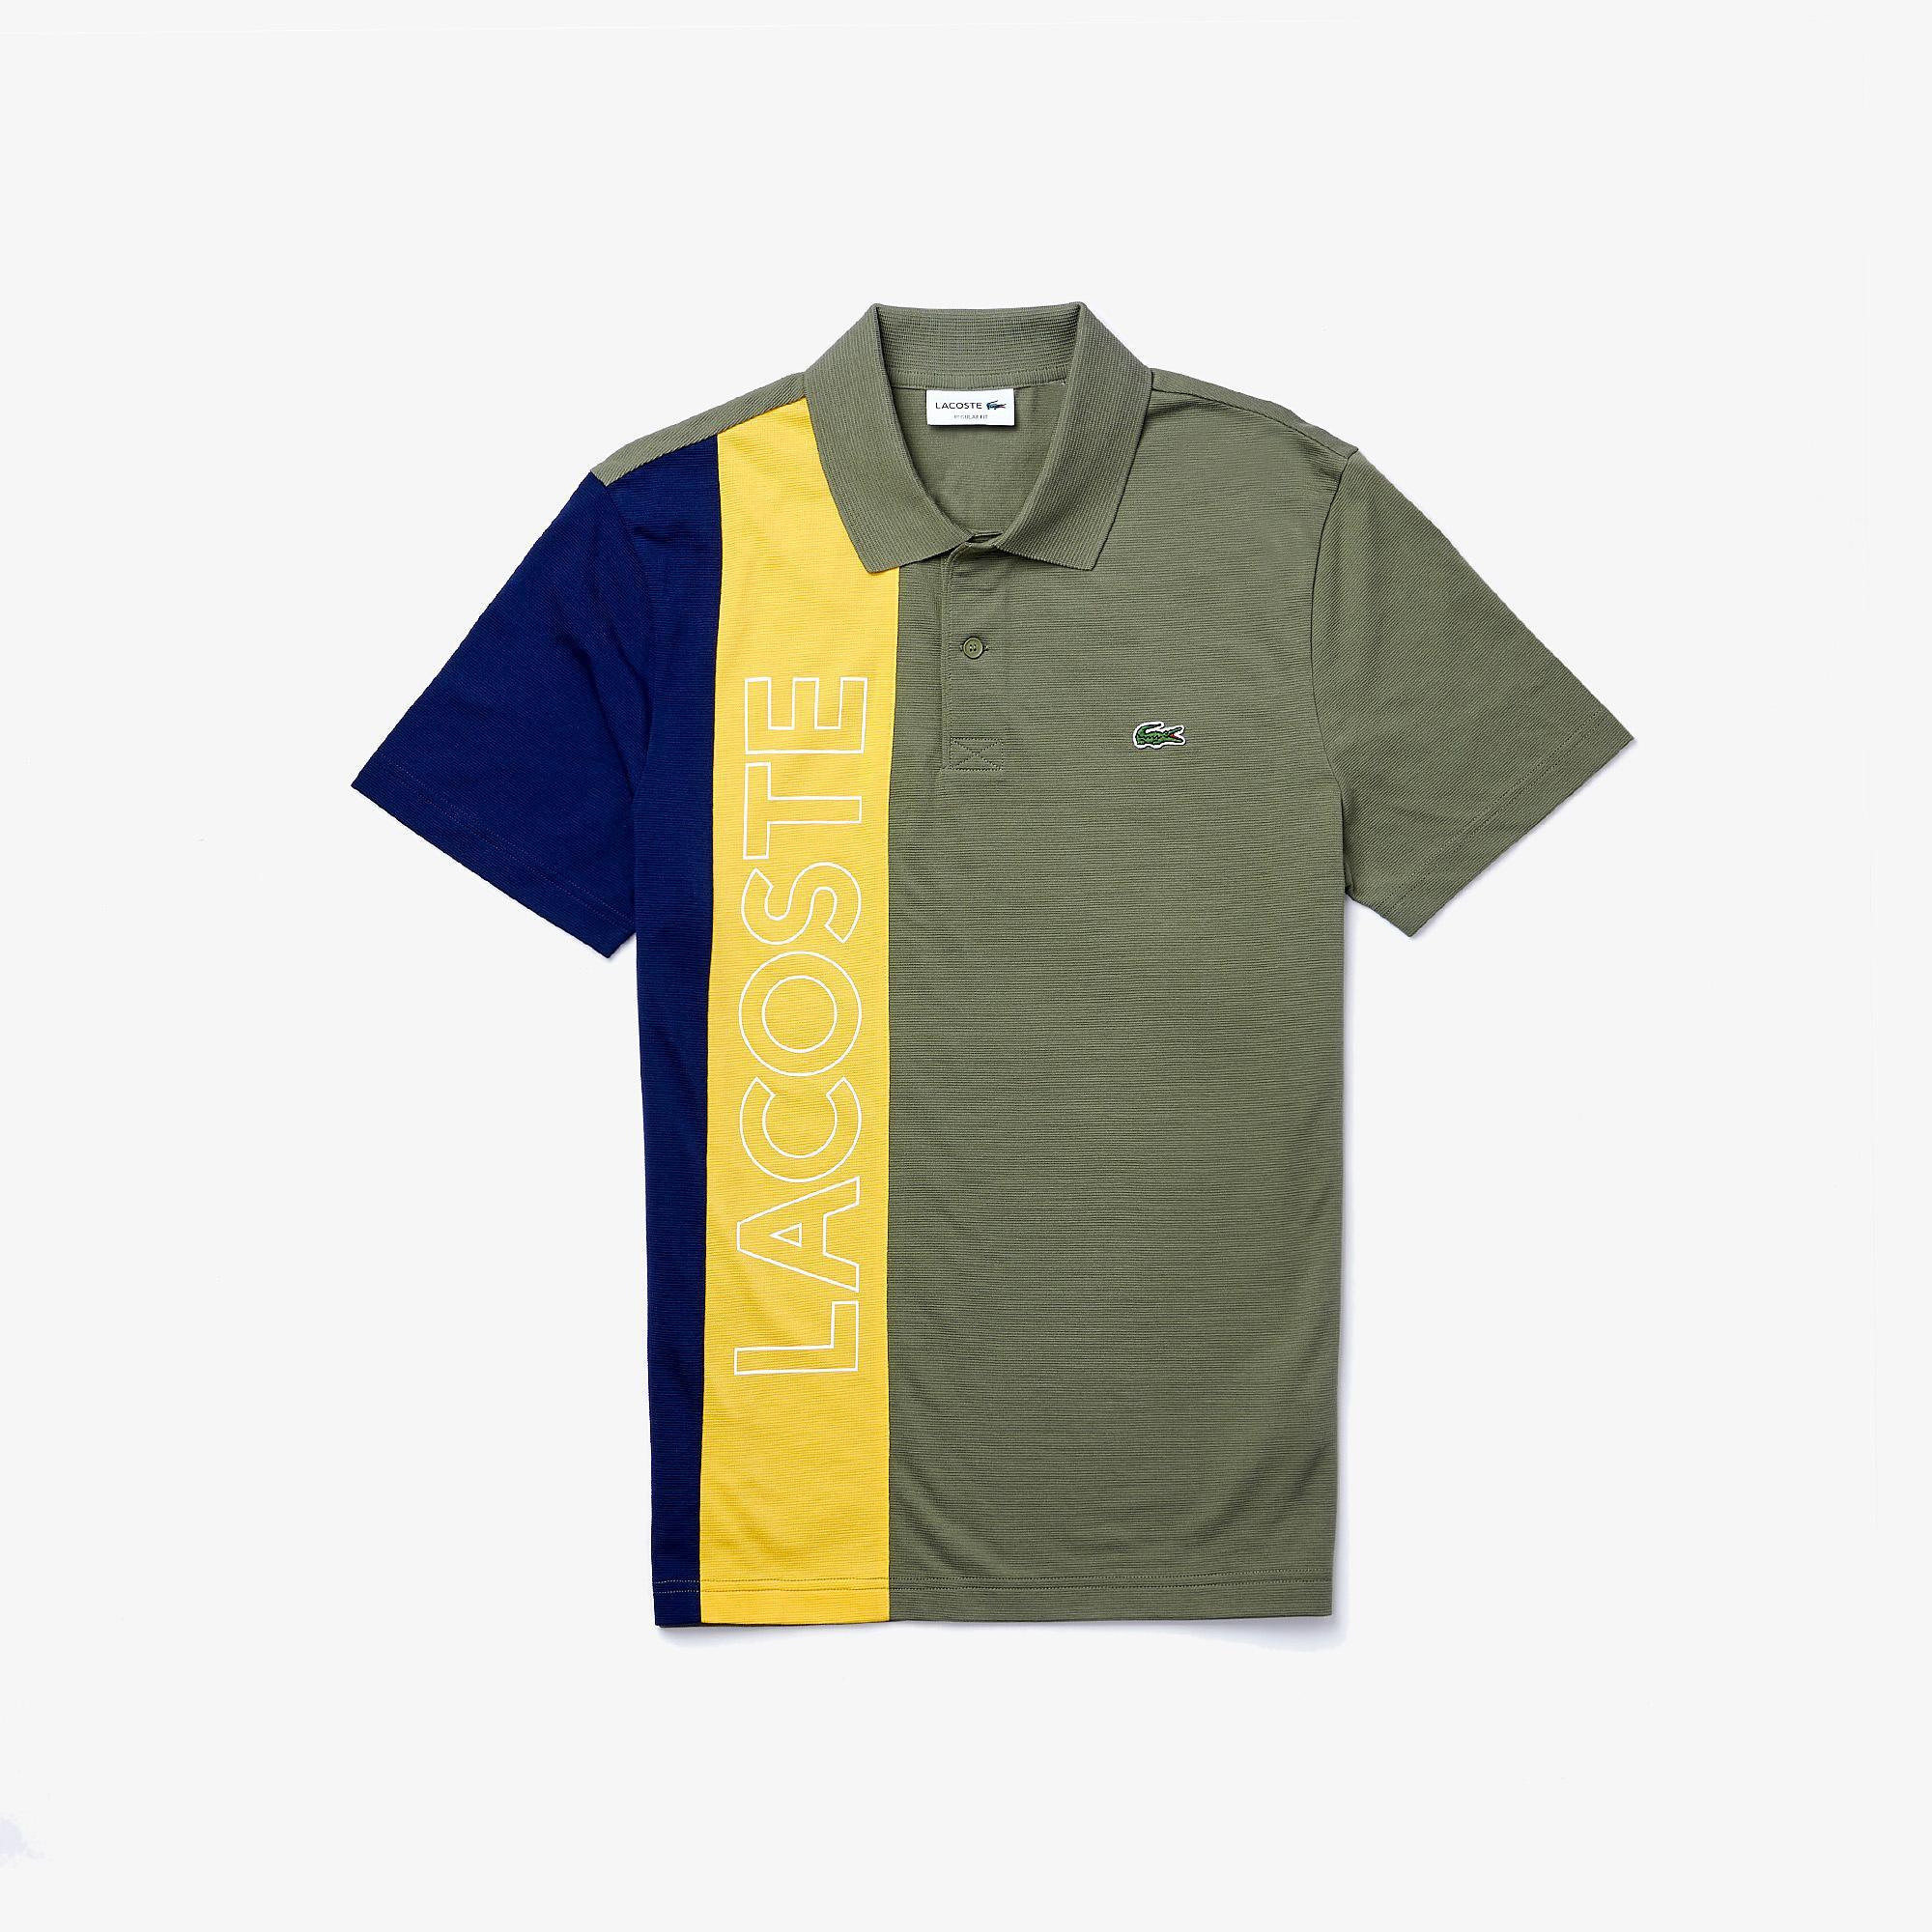 Lacoste Erkek Regular Fit Baskılı Renk Bloklu Renkli Polo